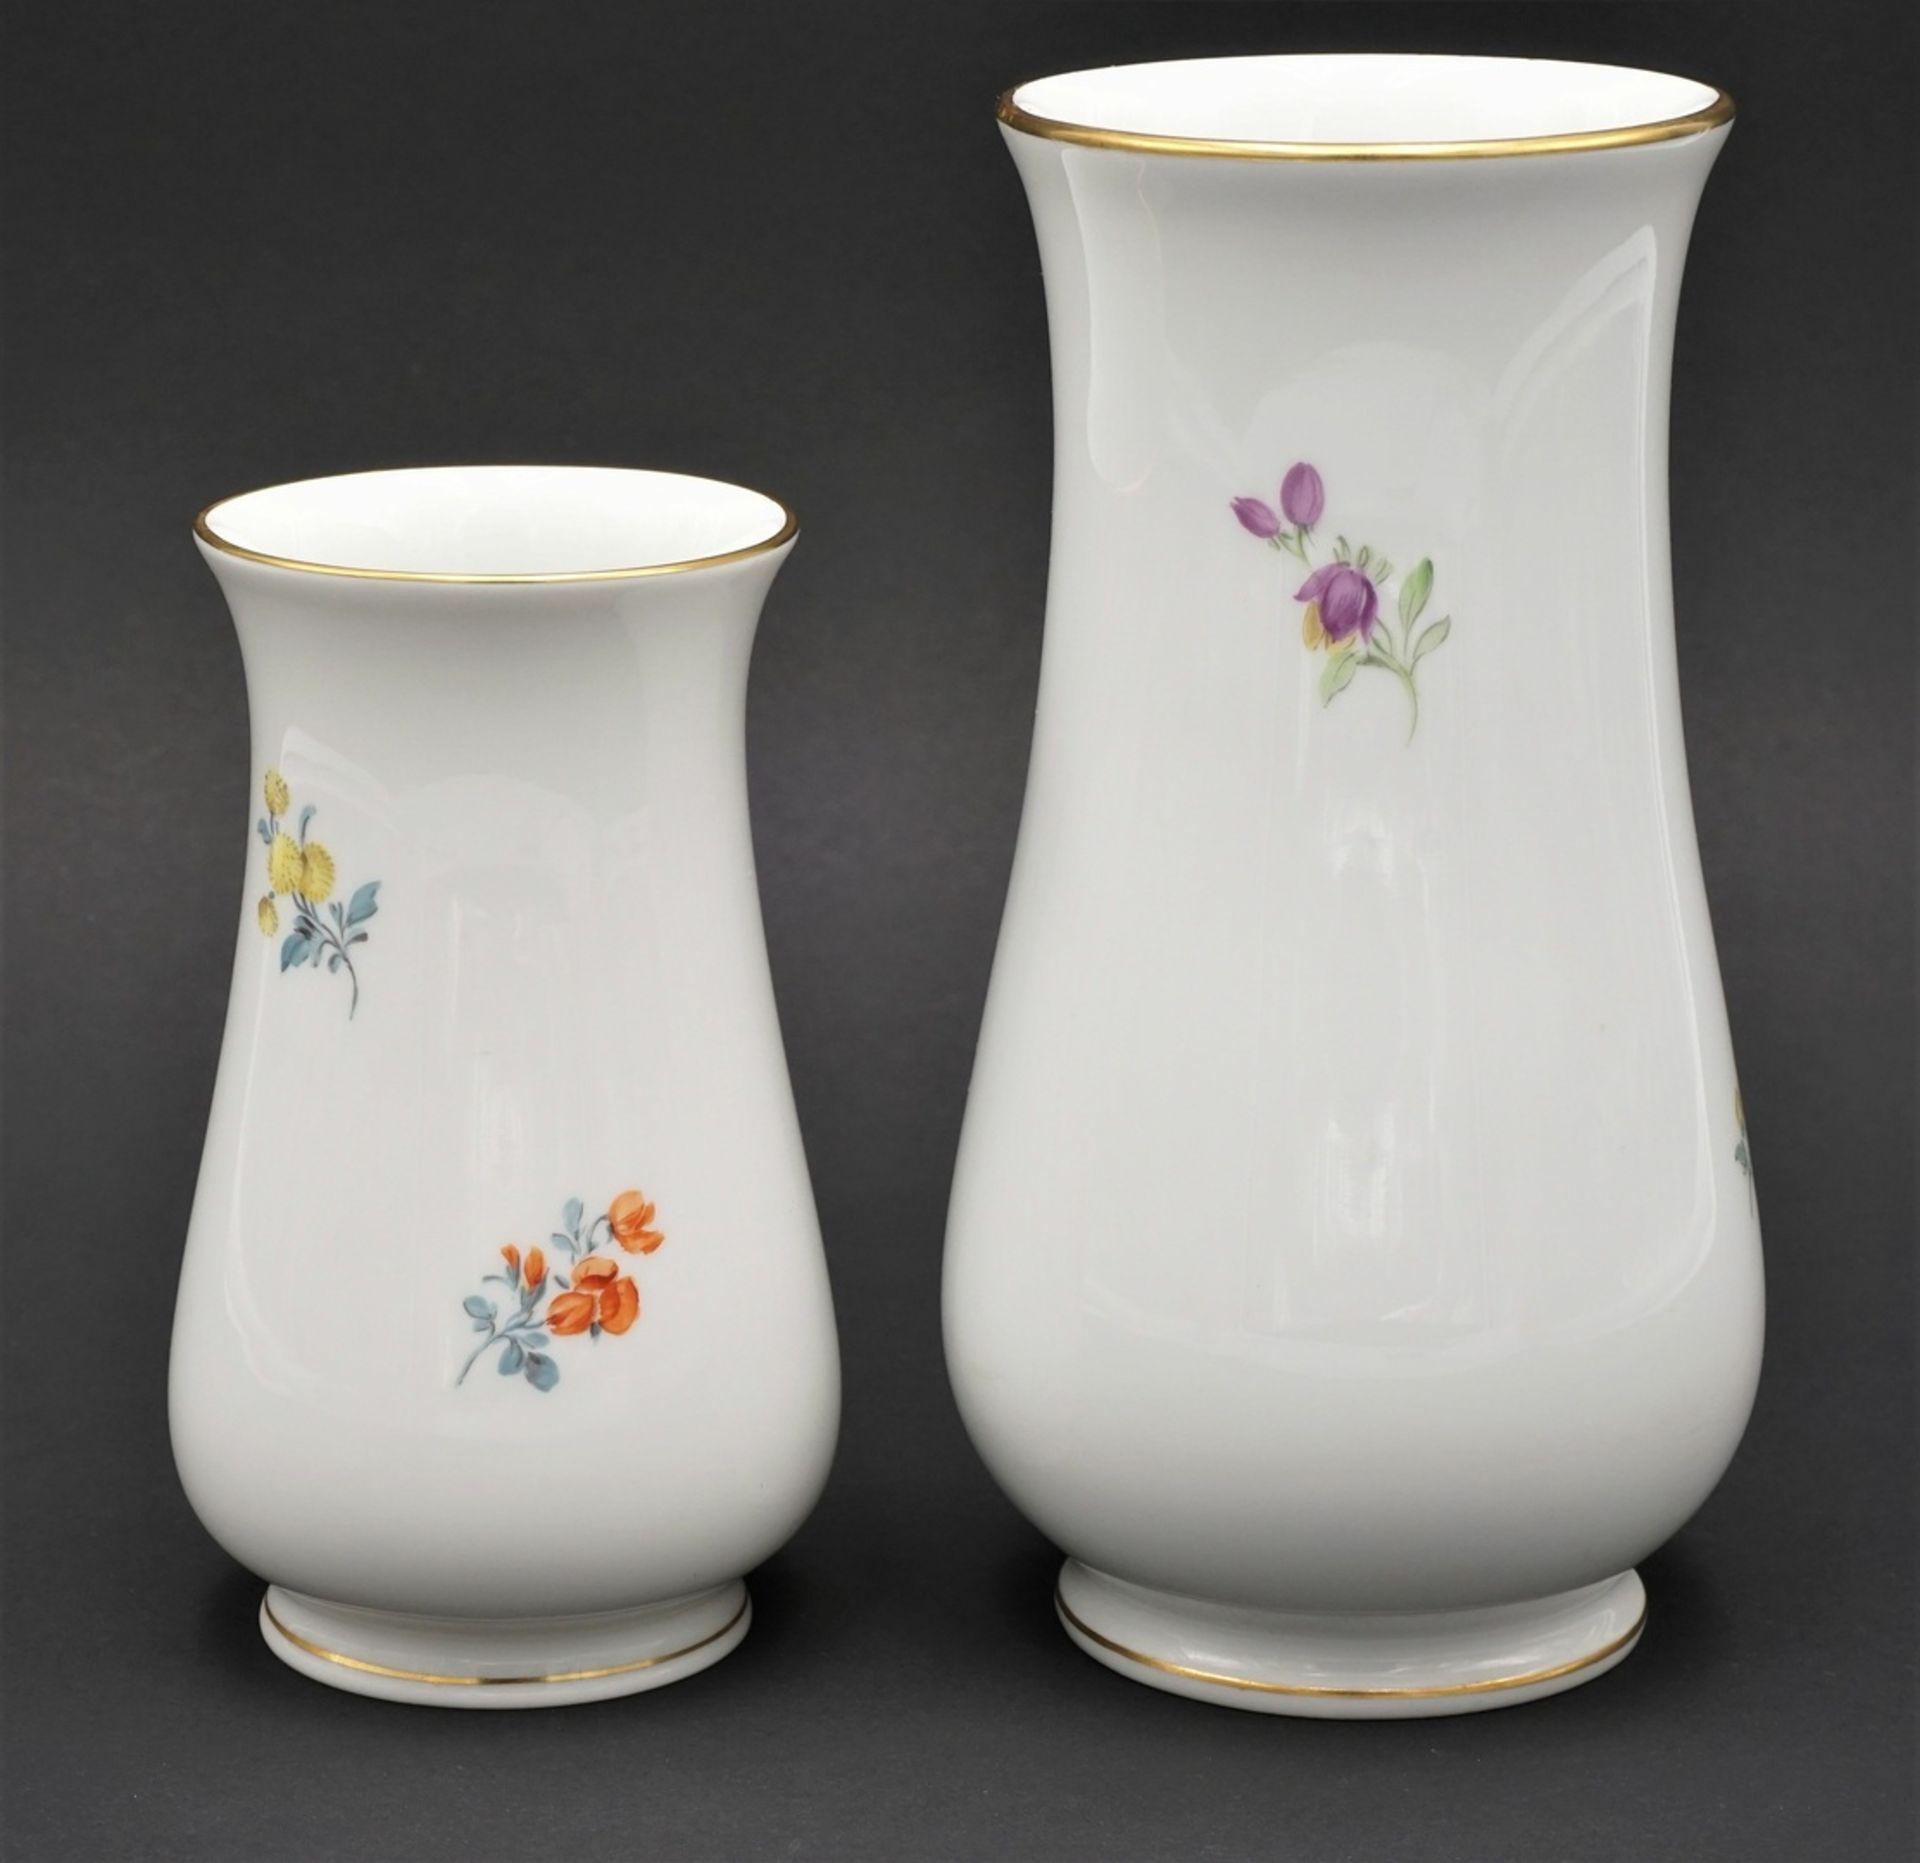 Zwei Meissen Vasen mit Bunter Blume - Bild 2 aus 3